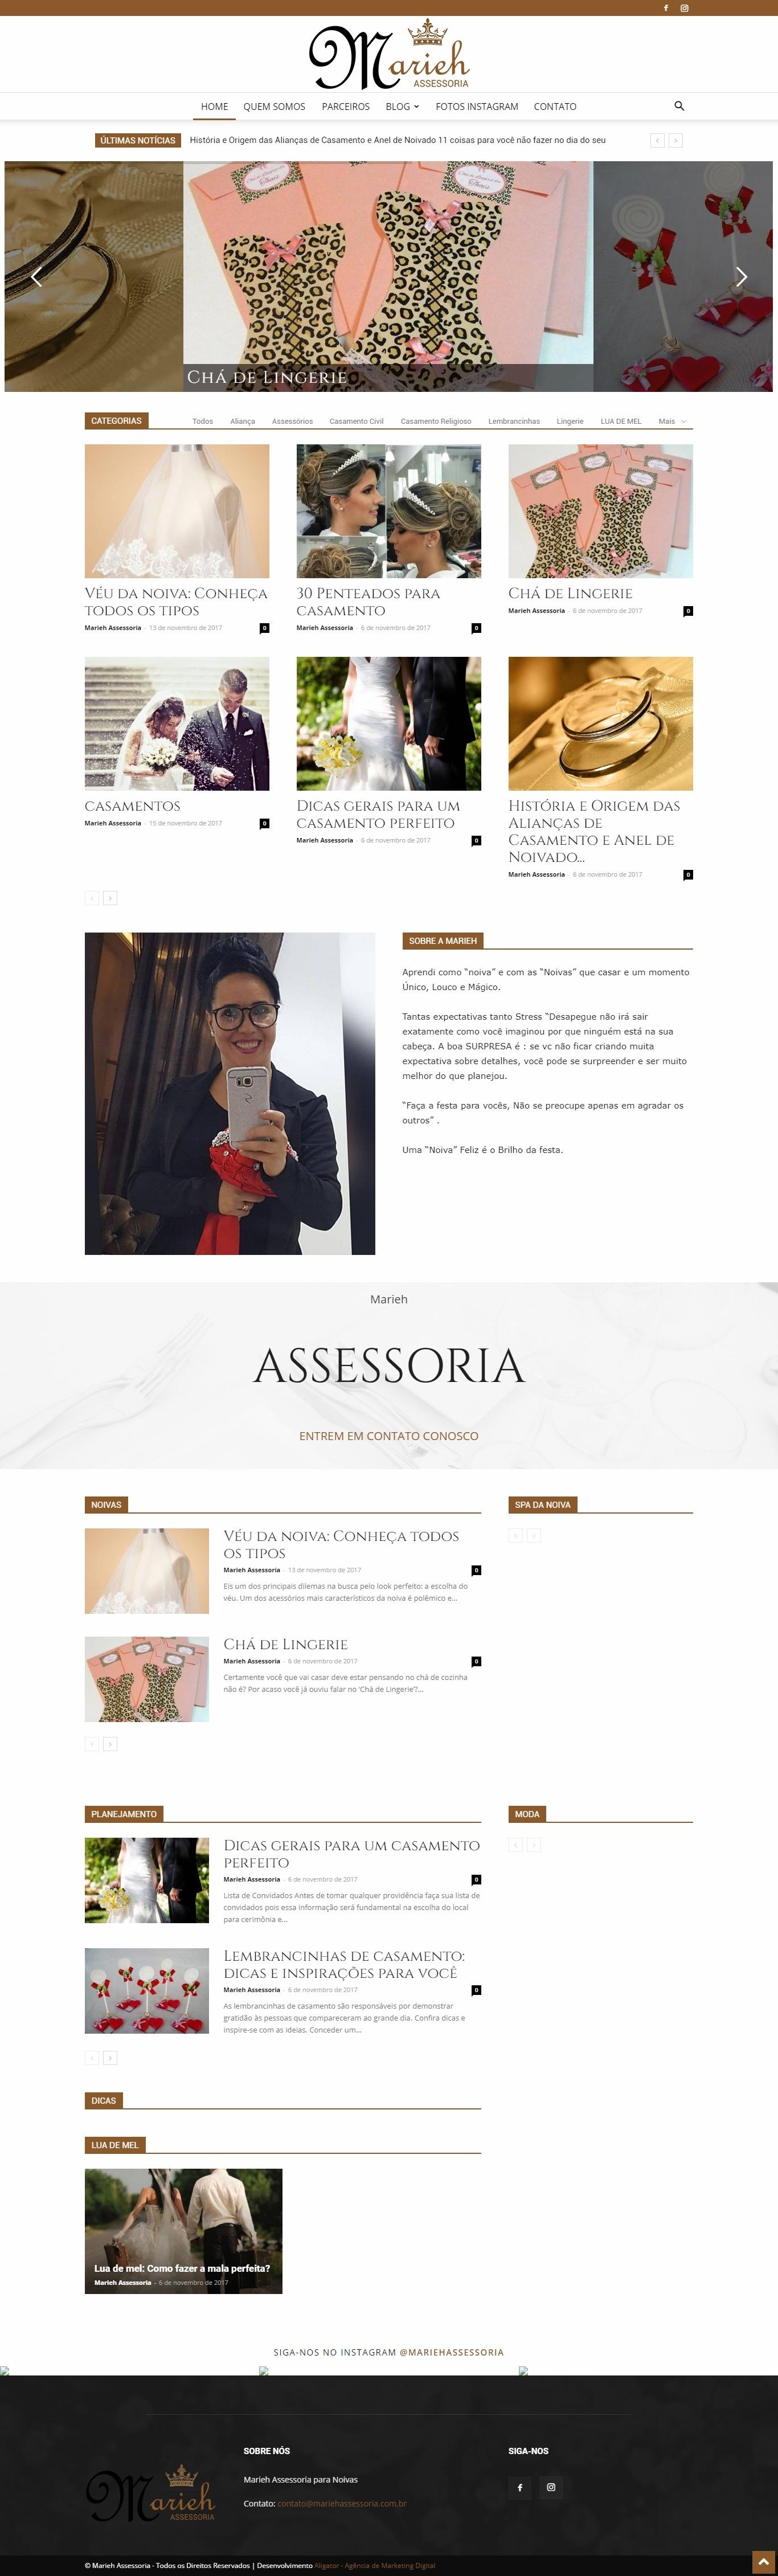 Criação de site em WordPress para Marieh Assessoria